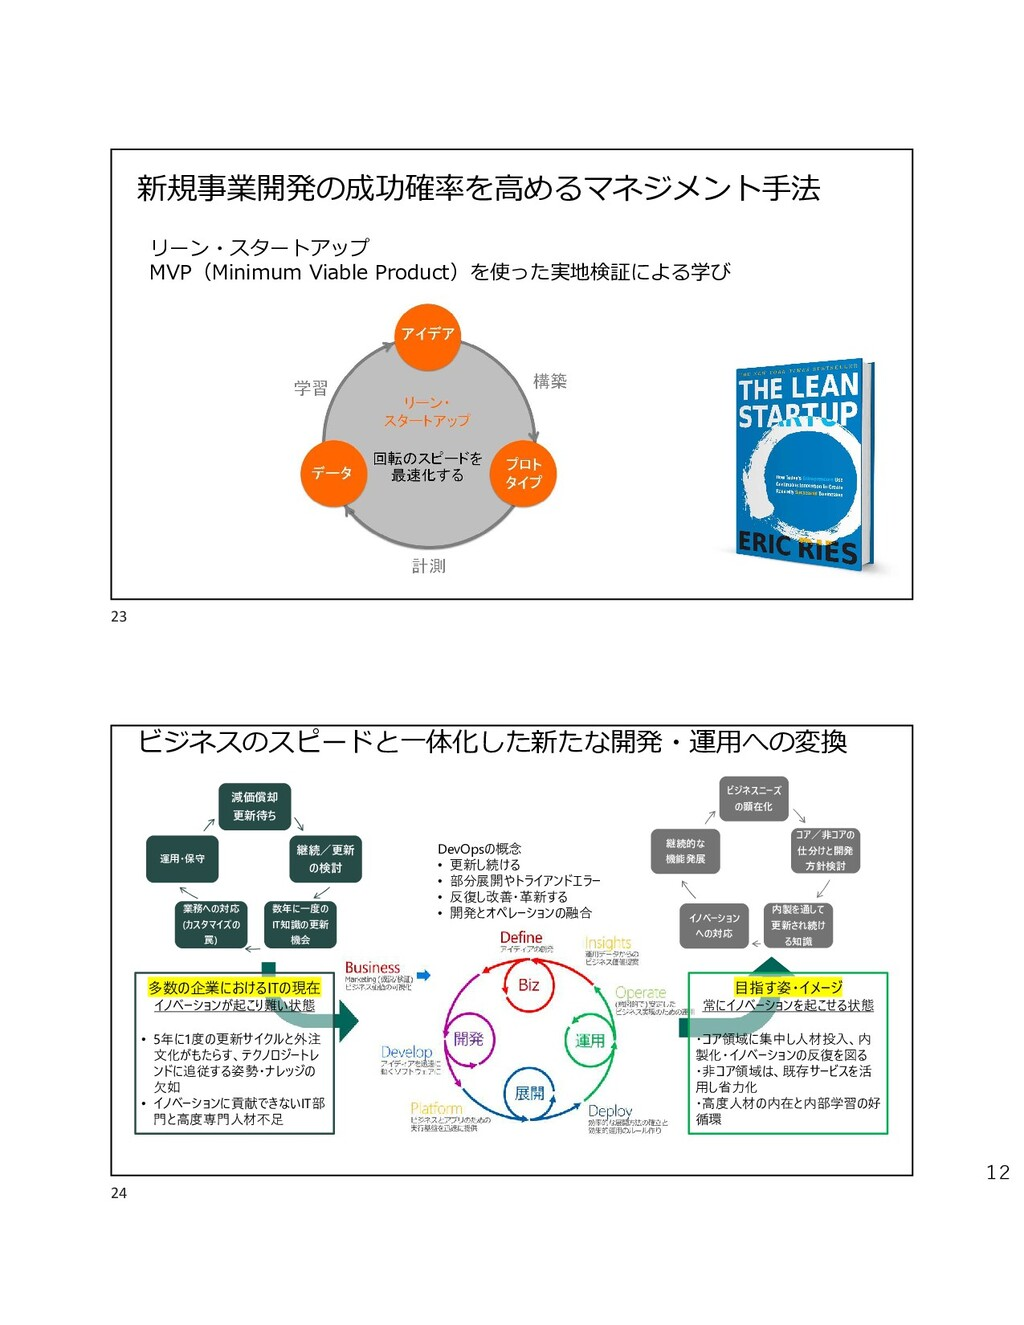 12 新規事業開発の成功確率を高めるマネジメント手法 リーン・スタートアップ MVP(Mini...